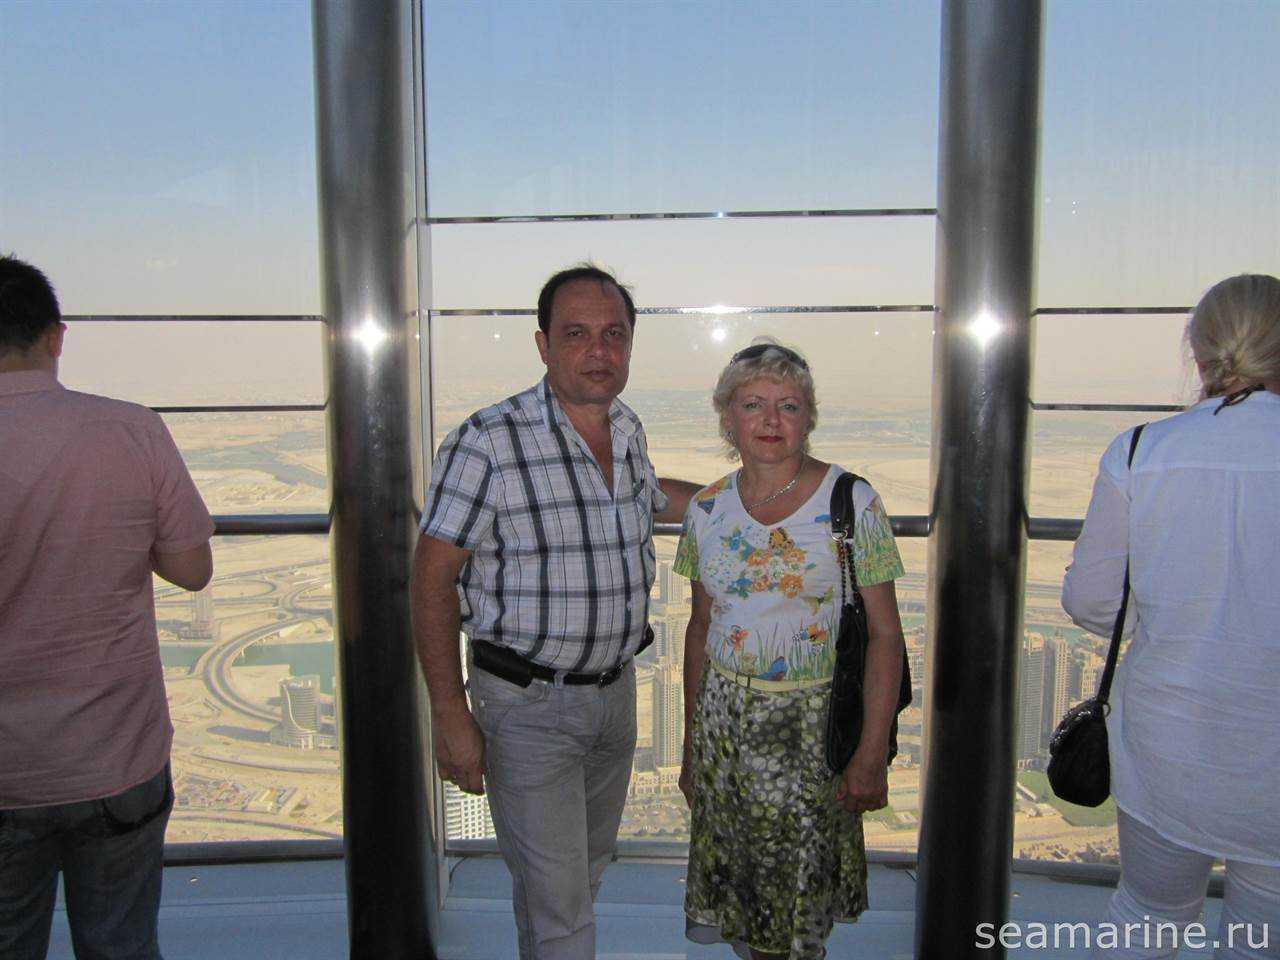 Посещение Бурдж Халифа самостоятельно